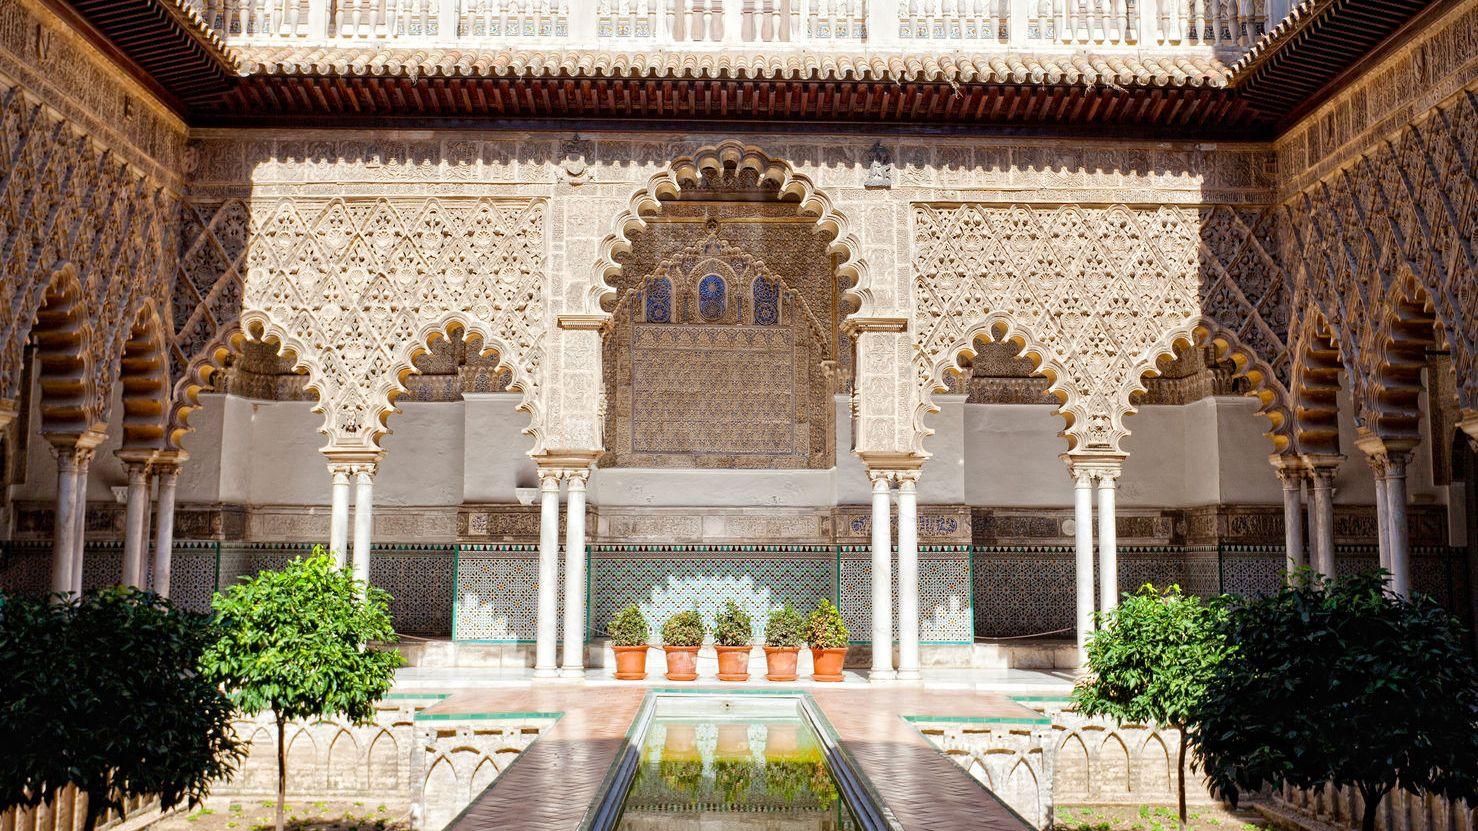 Visita con entrada de acceso rápido al Real Alcázar de Sevilla